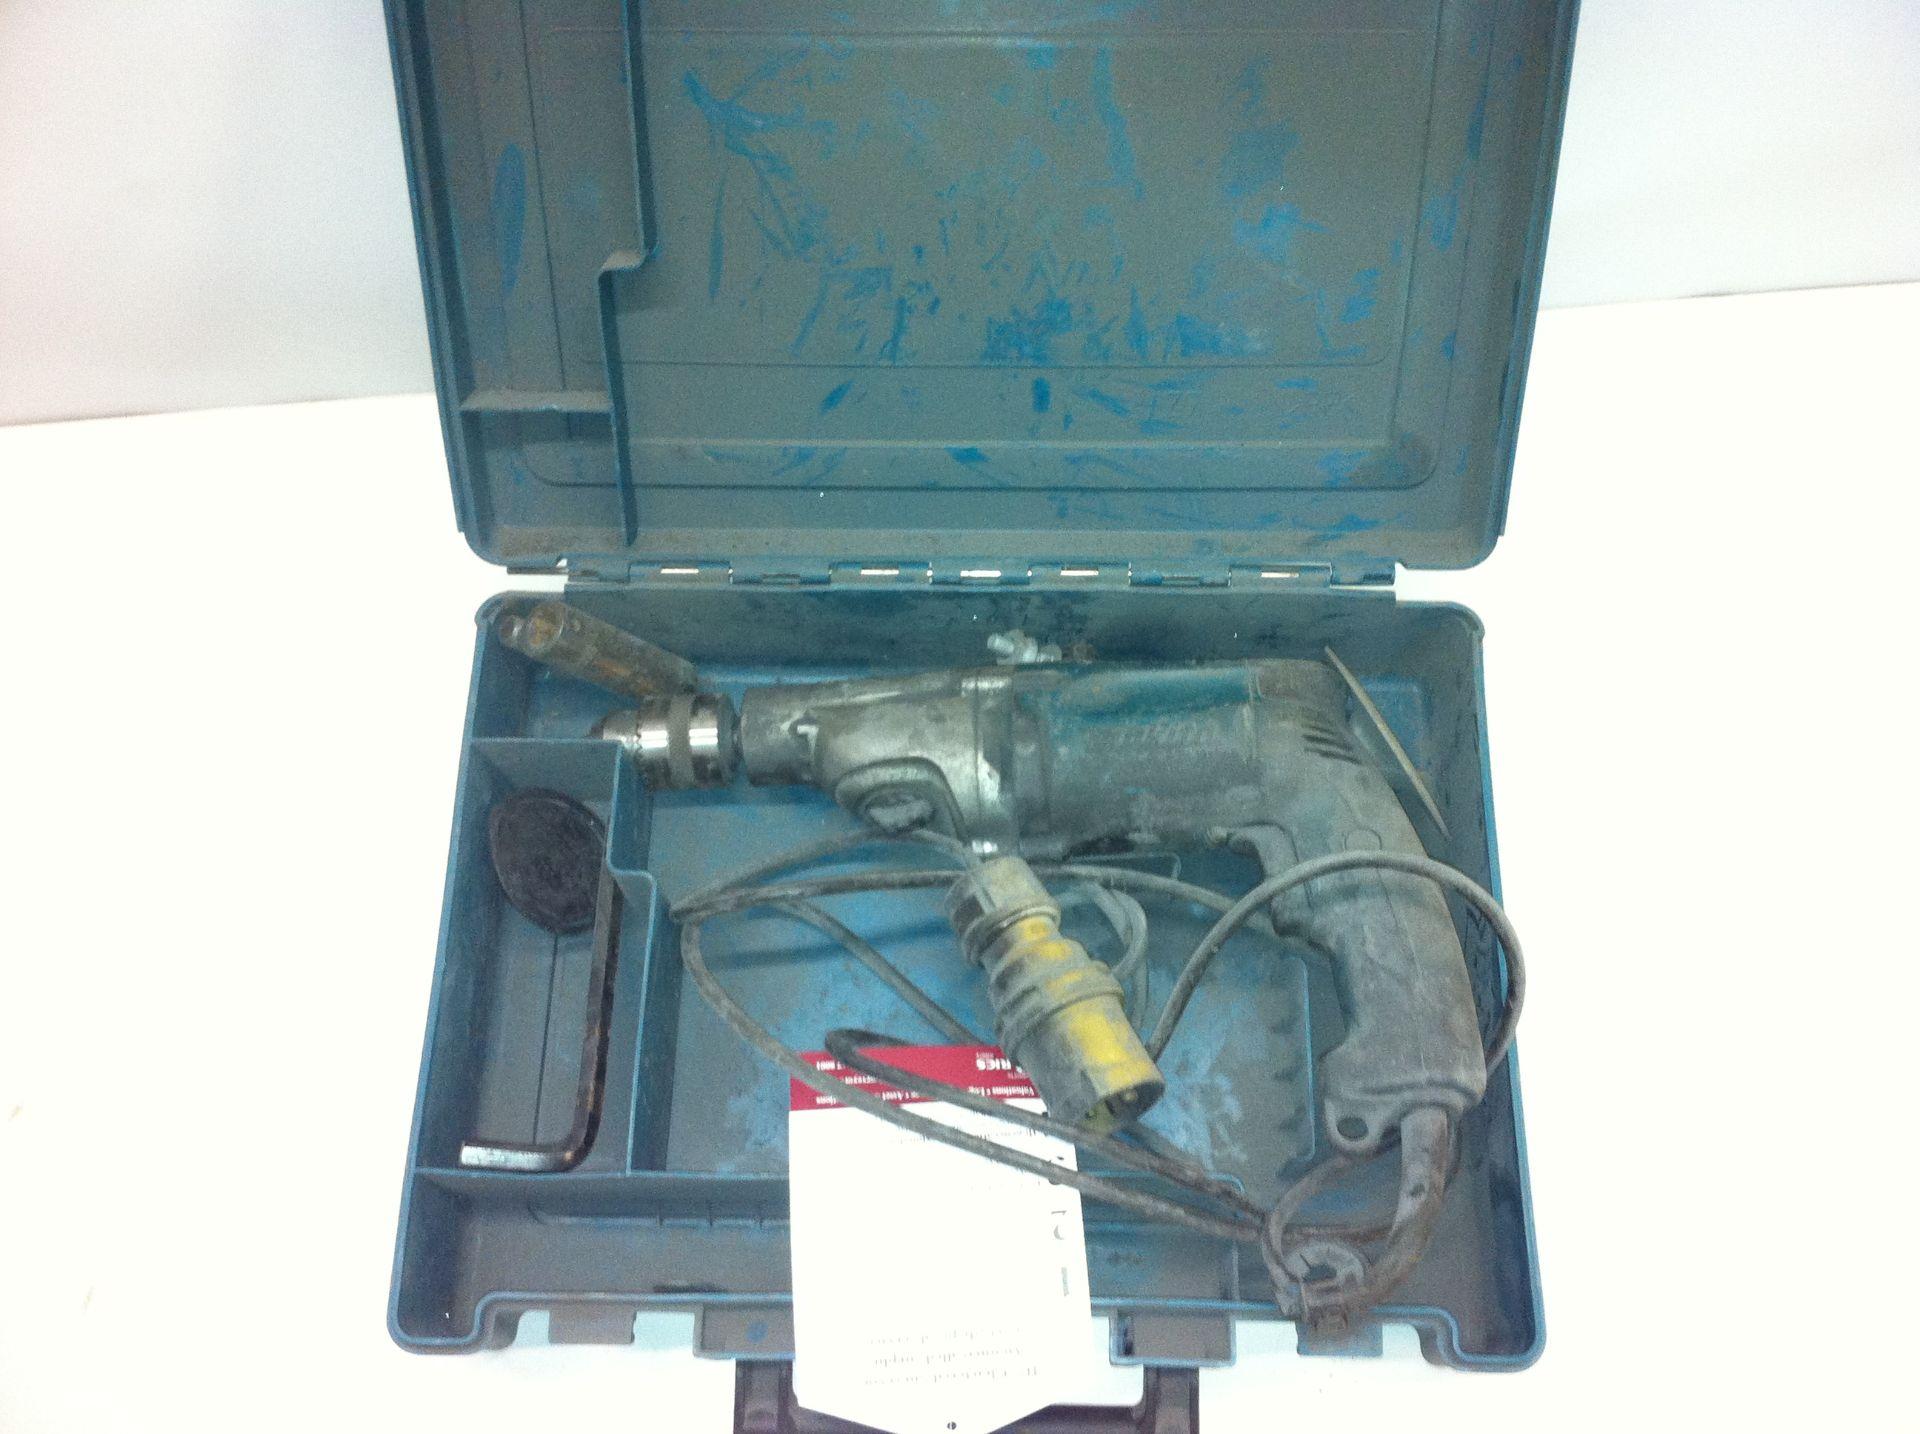 Lot 126 - Makita 2 Speed Hammer Drill